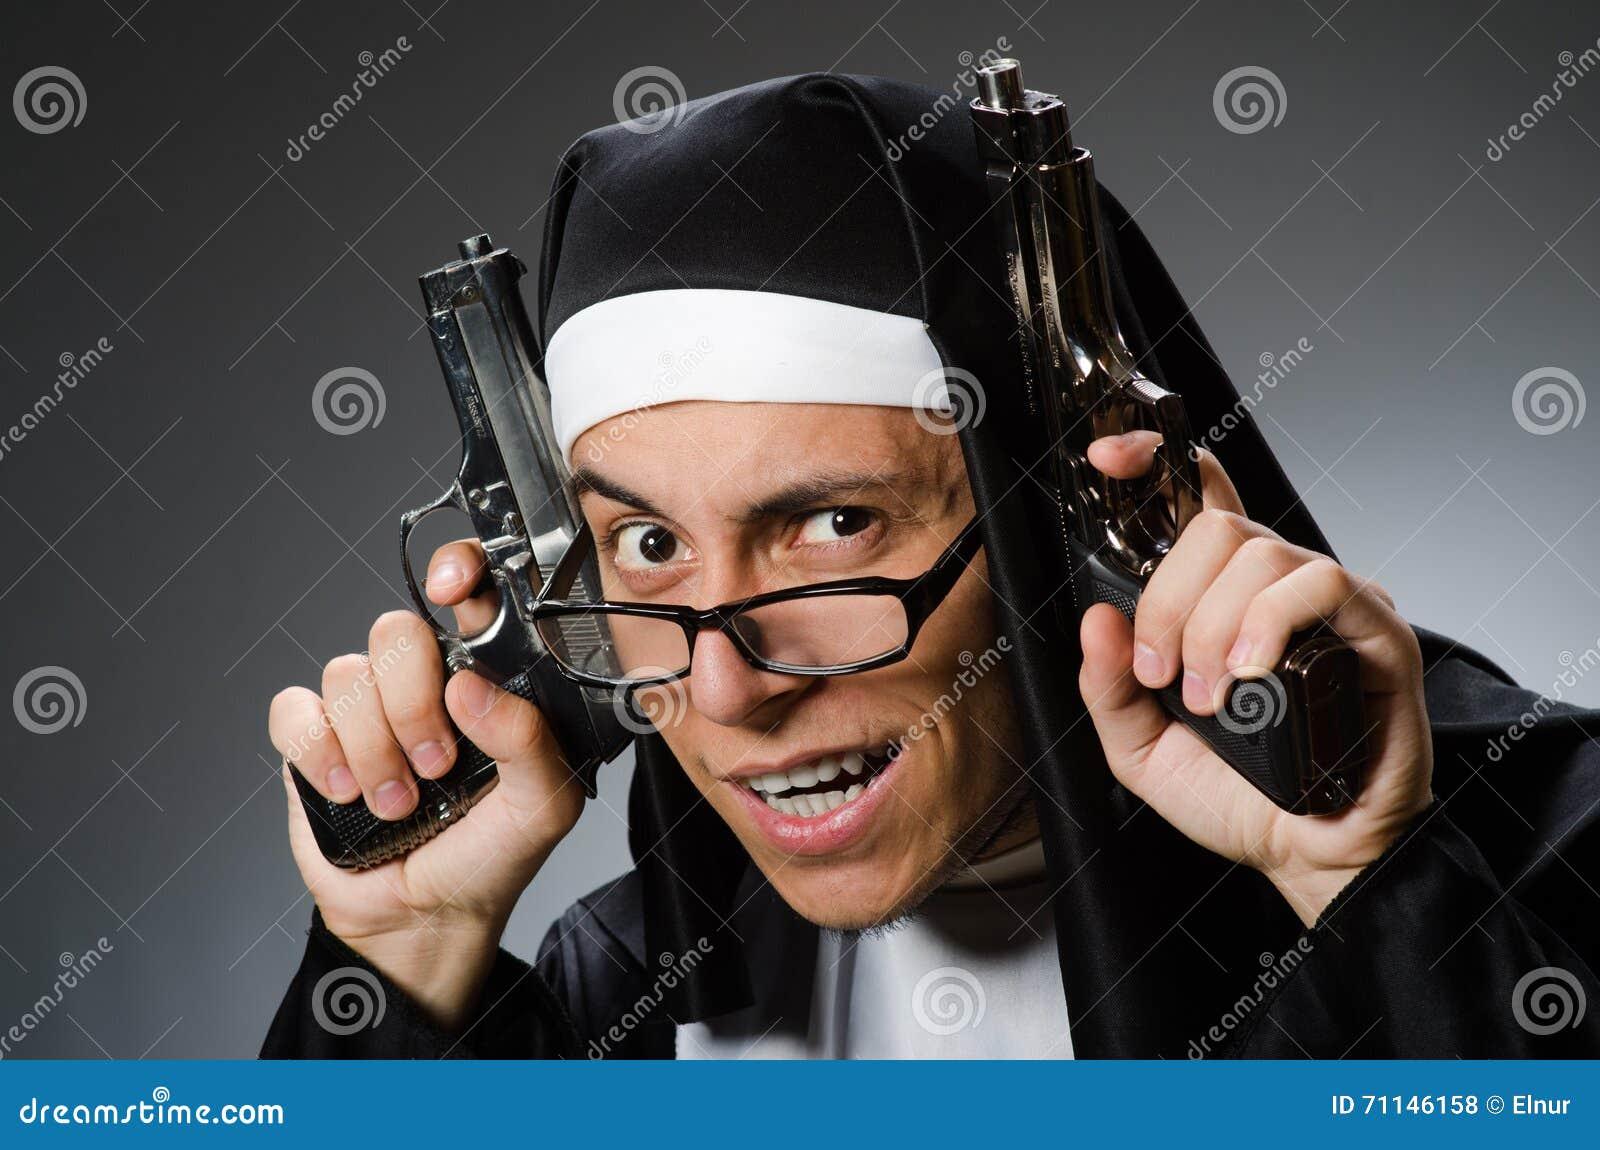 El hombre vestido como monja